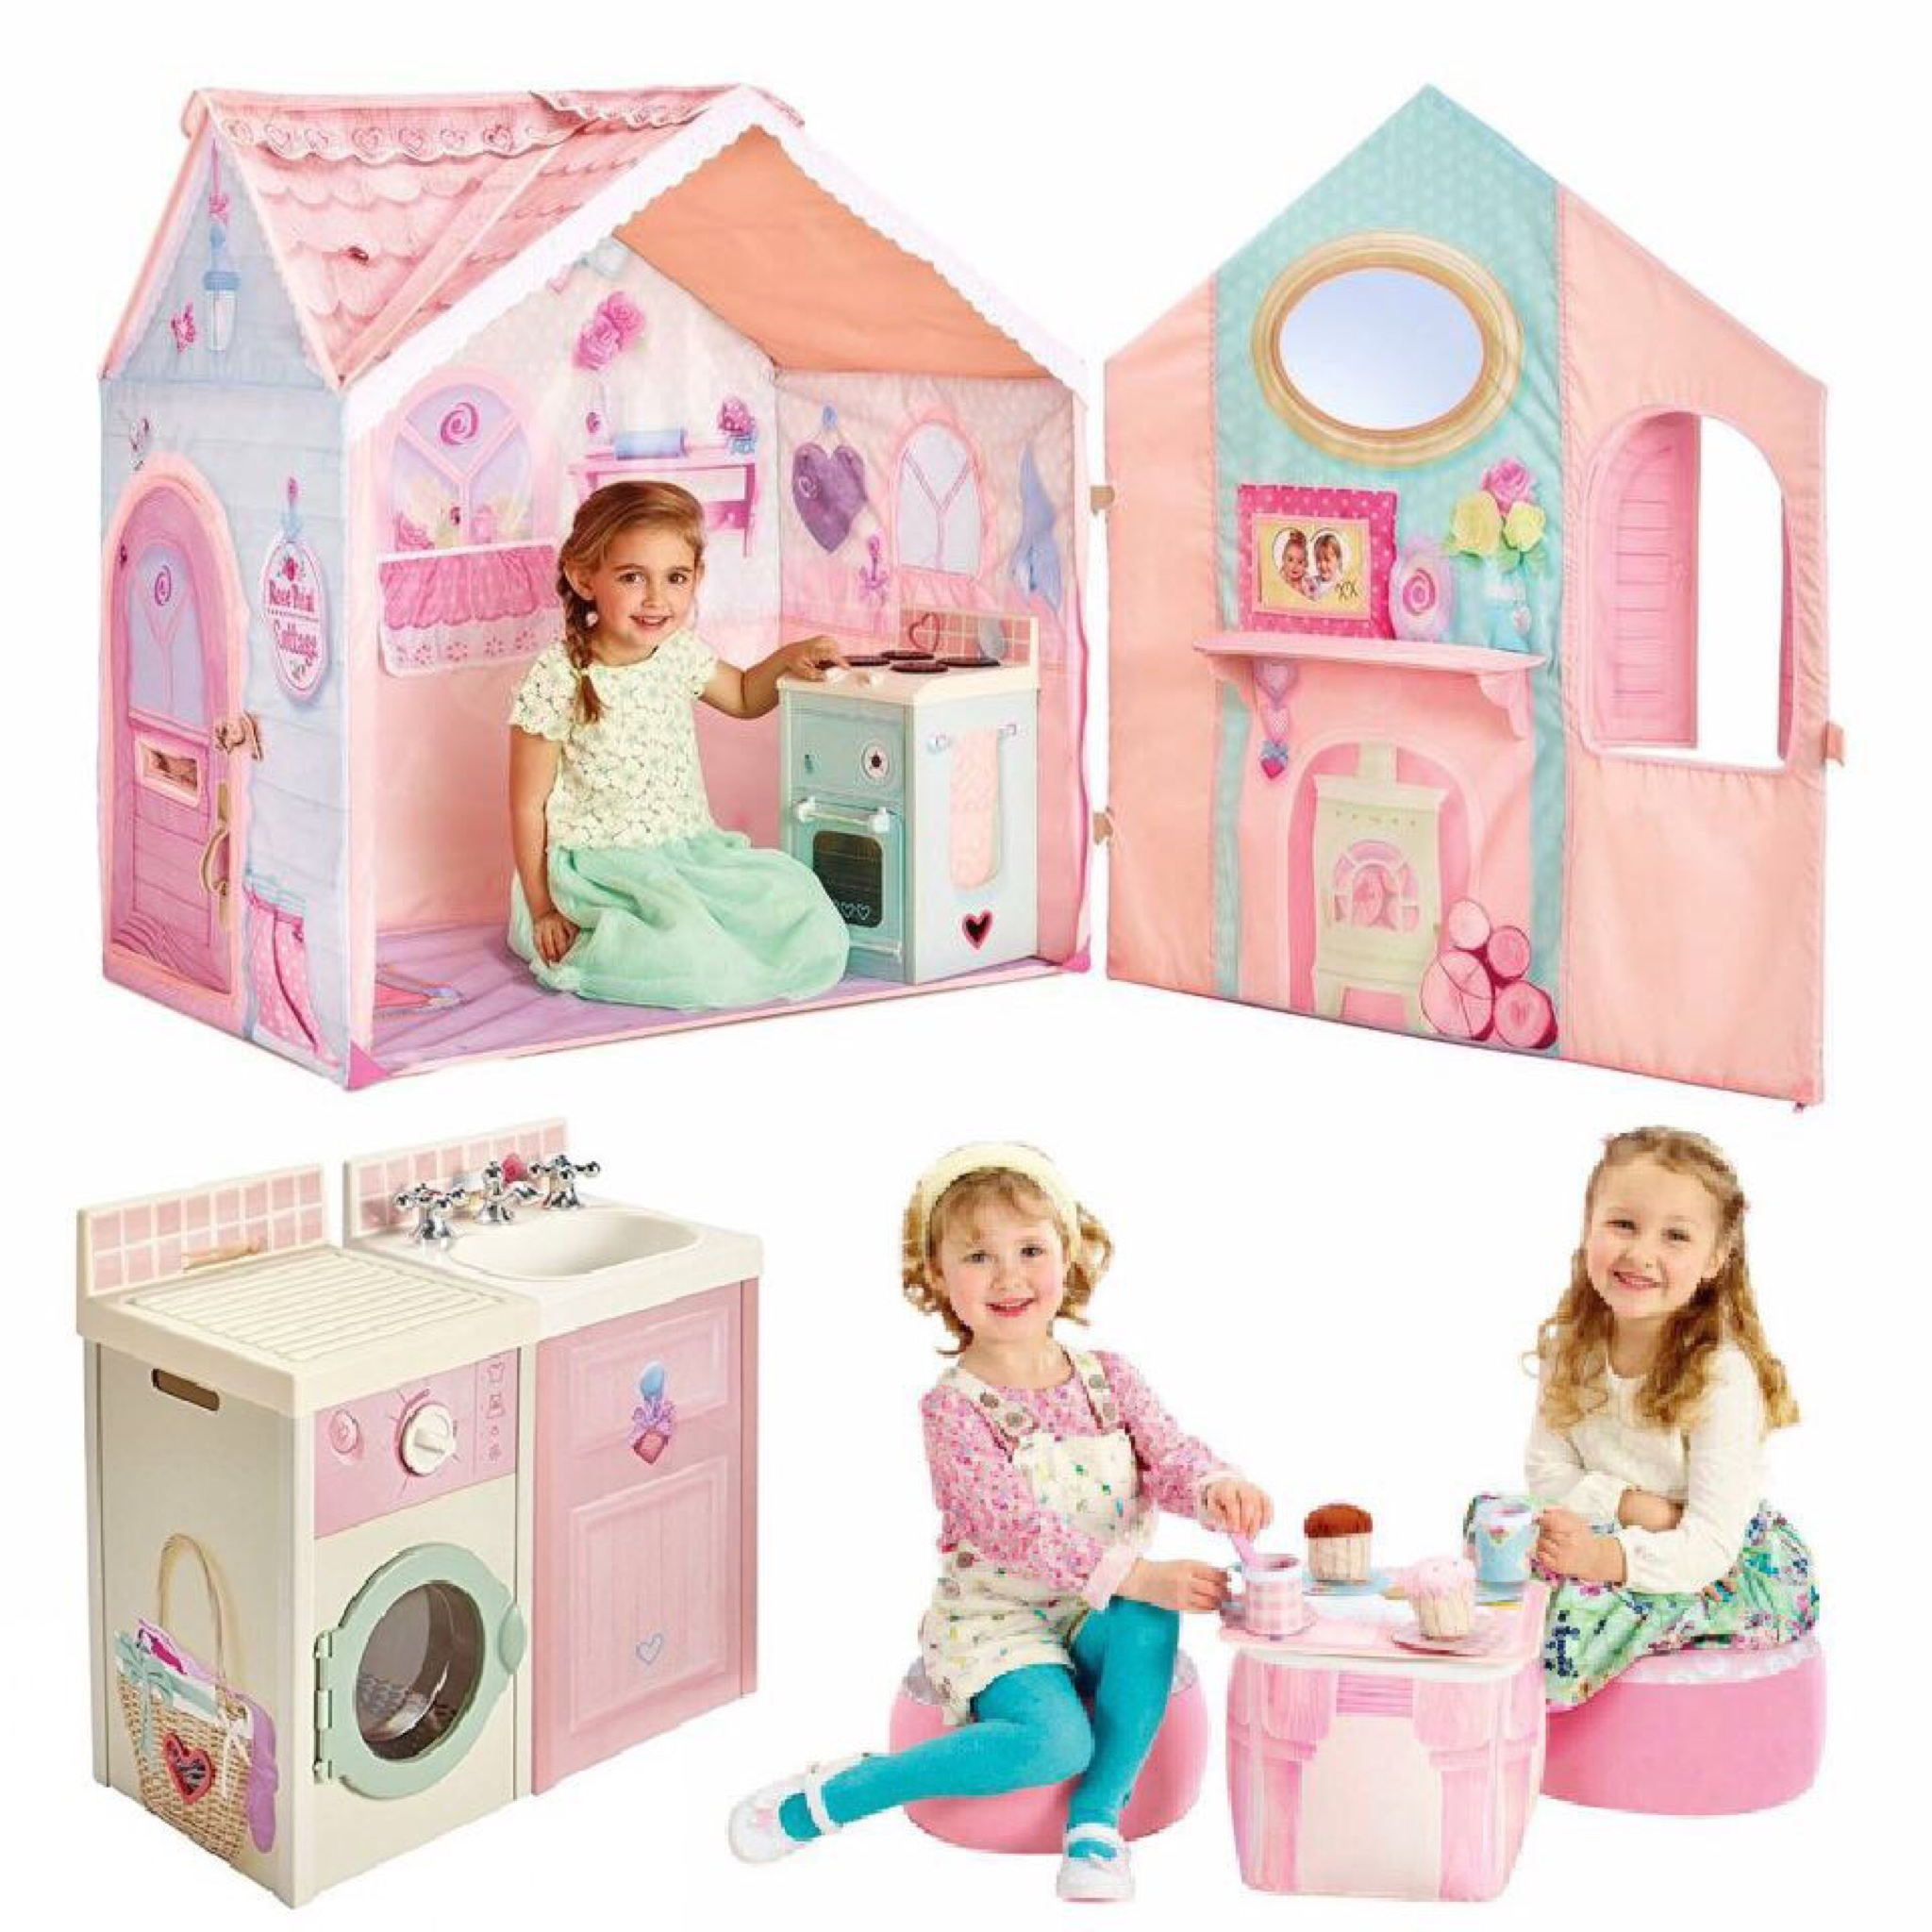 บ้านจำลองสไตล์อังกฤษแสนหวานพร้อมชุดของเล่น DreamTown Rose Petal Play Set (3Pcs.) สุดคลาสสิค เล่นสนุก ส่งเสริมจินตนาการ ครบครันแบบไม่ต้องซื้อเพิ่มแล้ว ดีที่สุดสำหรับลูกน้อย นำเข้าจาก UK ของแท้ 100% บ้านหลังน้อยสไตล์ยุโรปคลาสสิคสำหรับเด็กๆ ออกแบบอย่างพิถีพิ